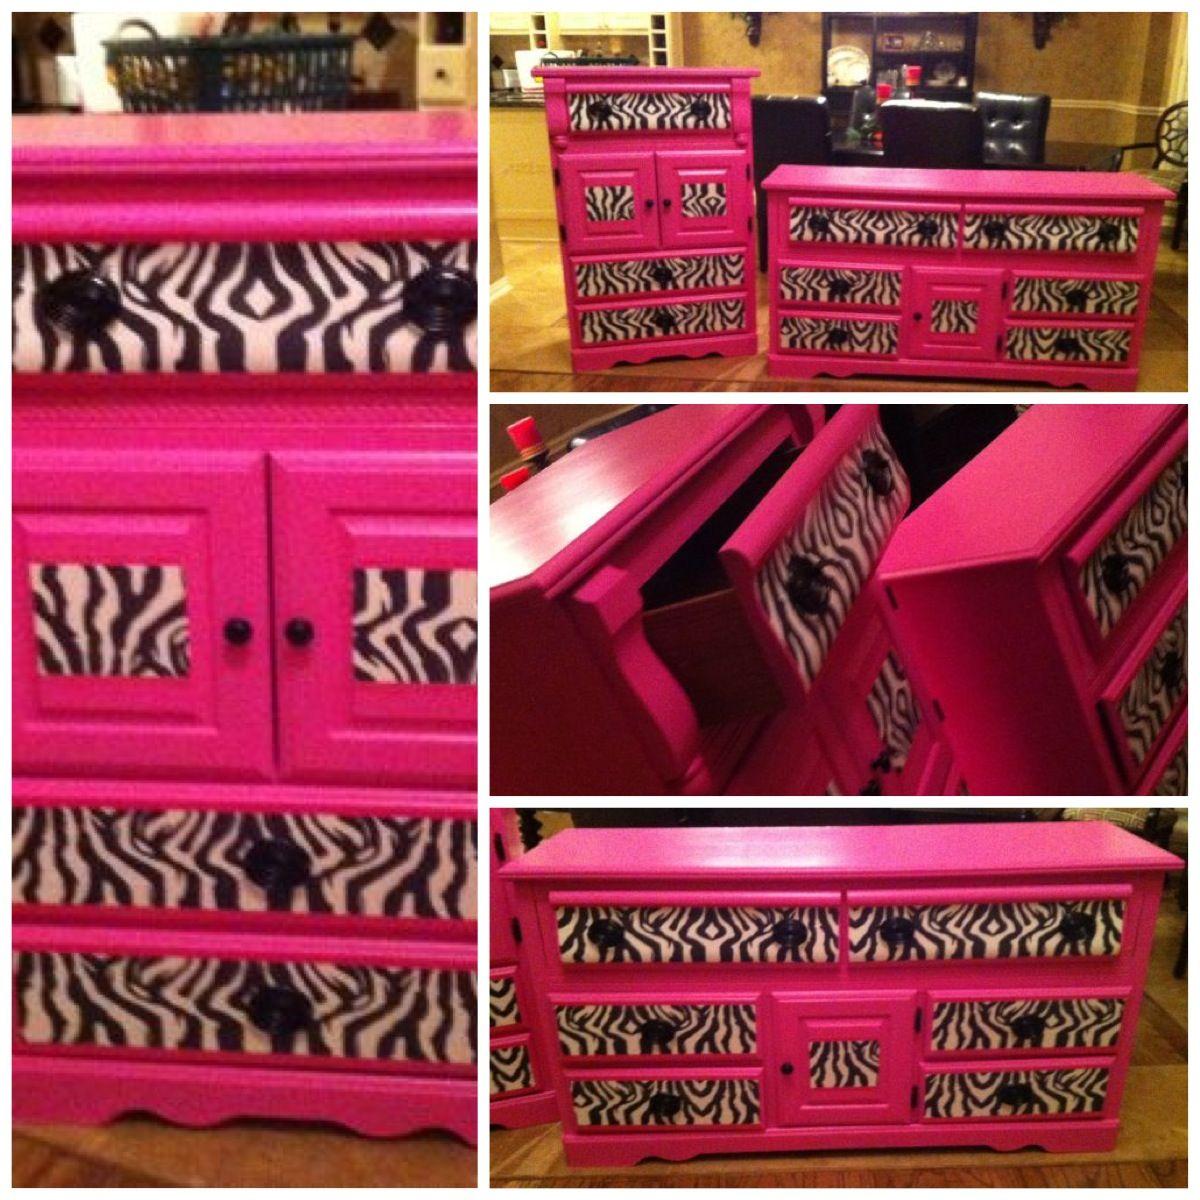 pink zebra bedrooms zebra dresser hot pink furniture hot pink room